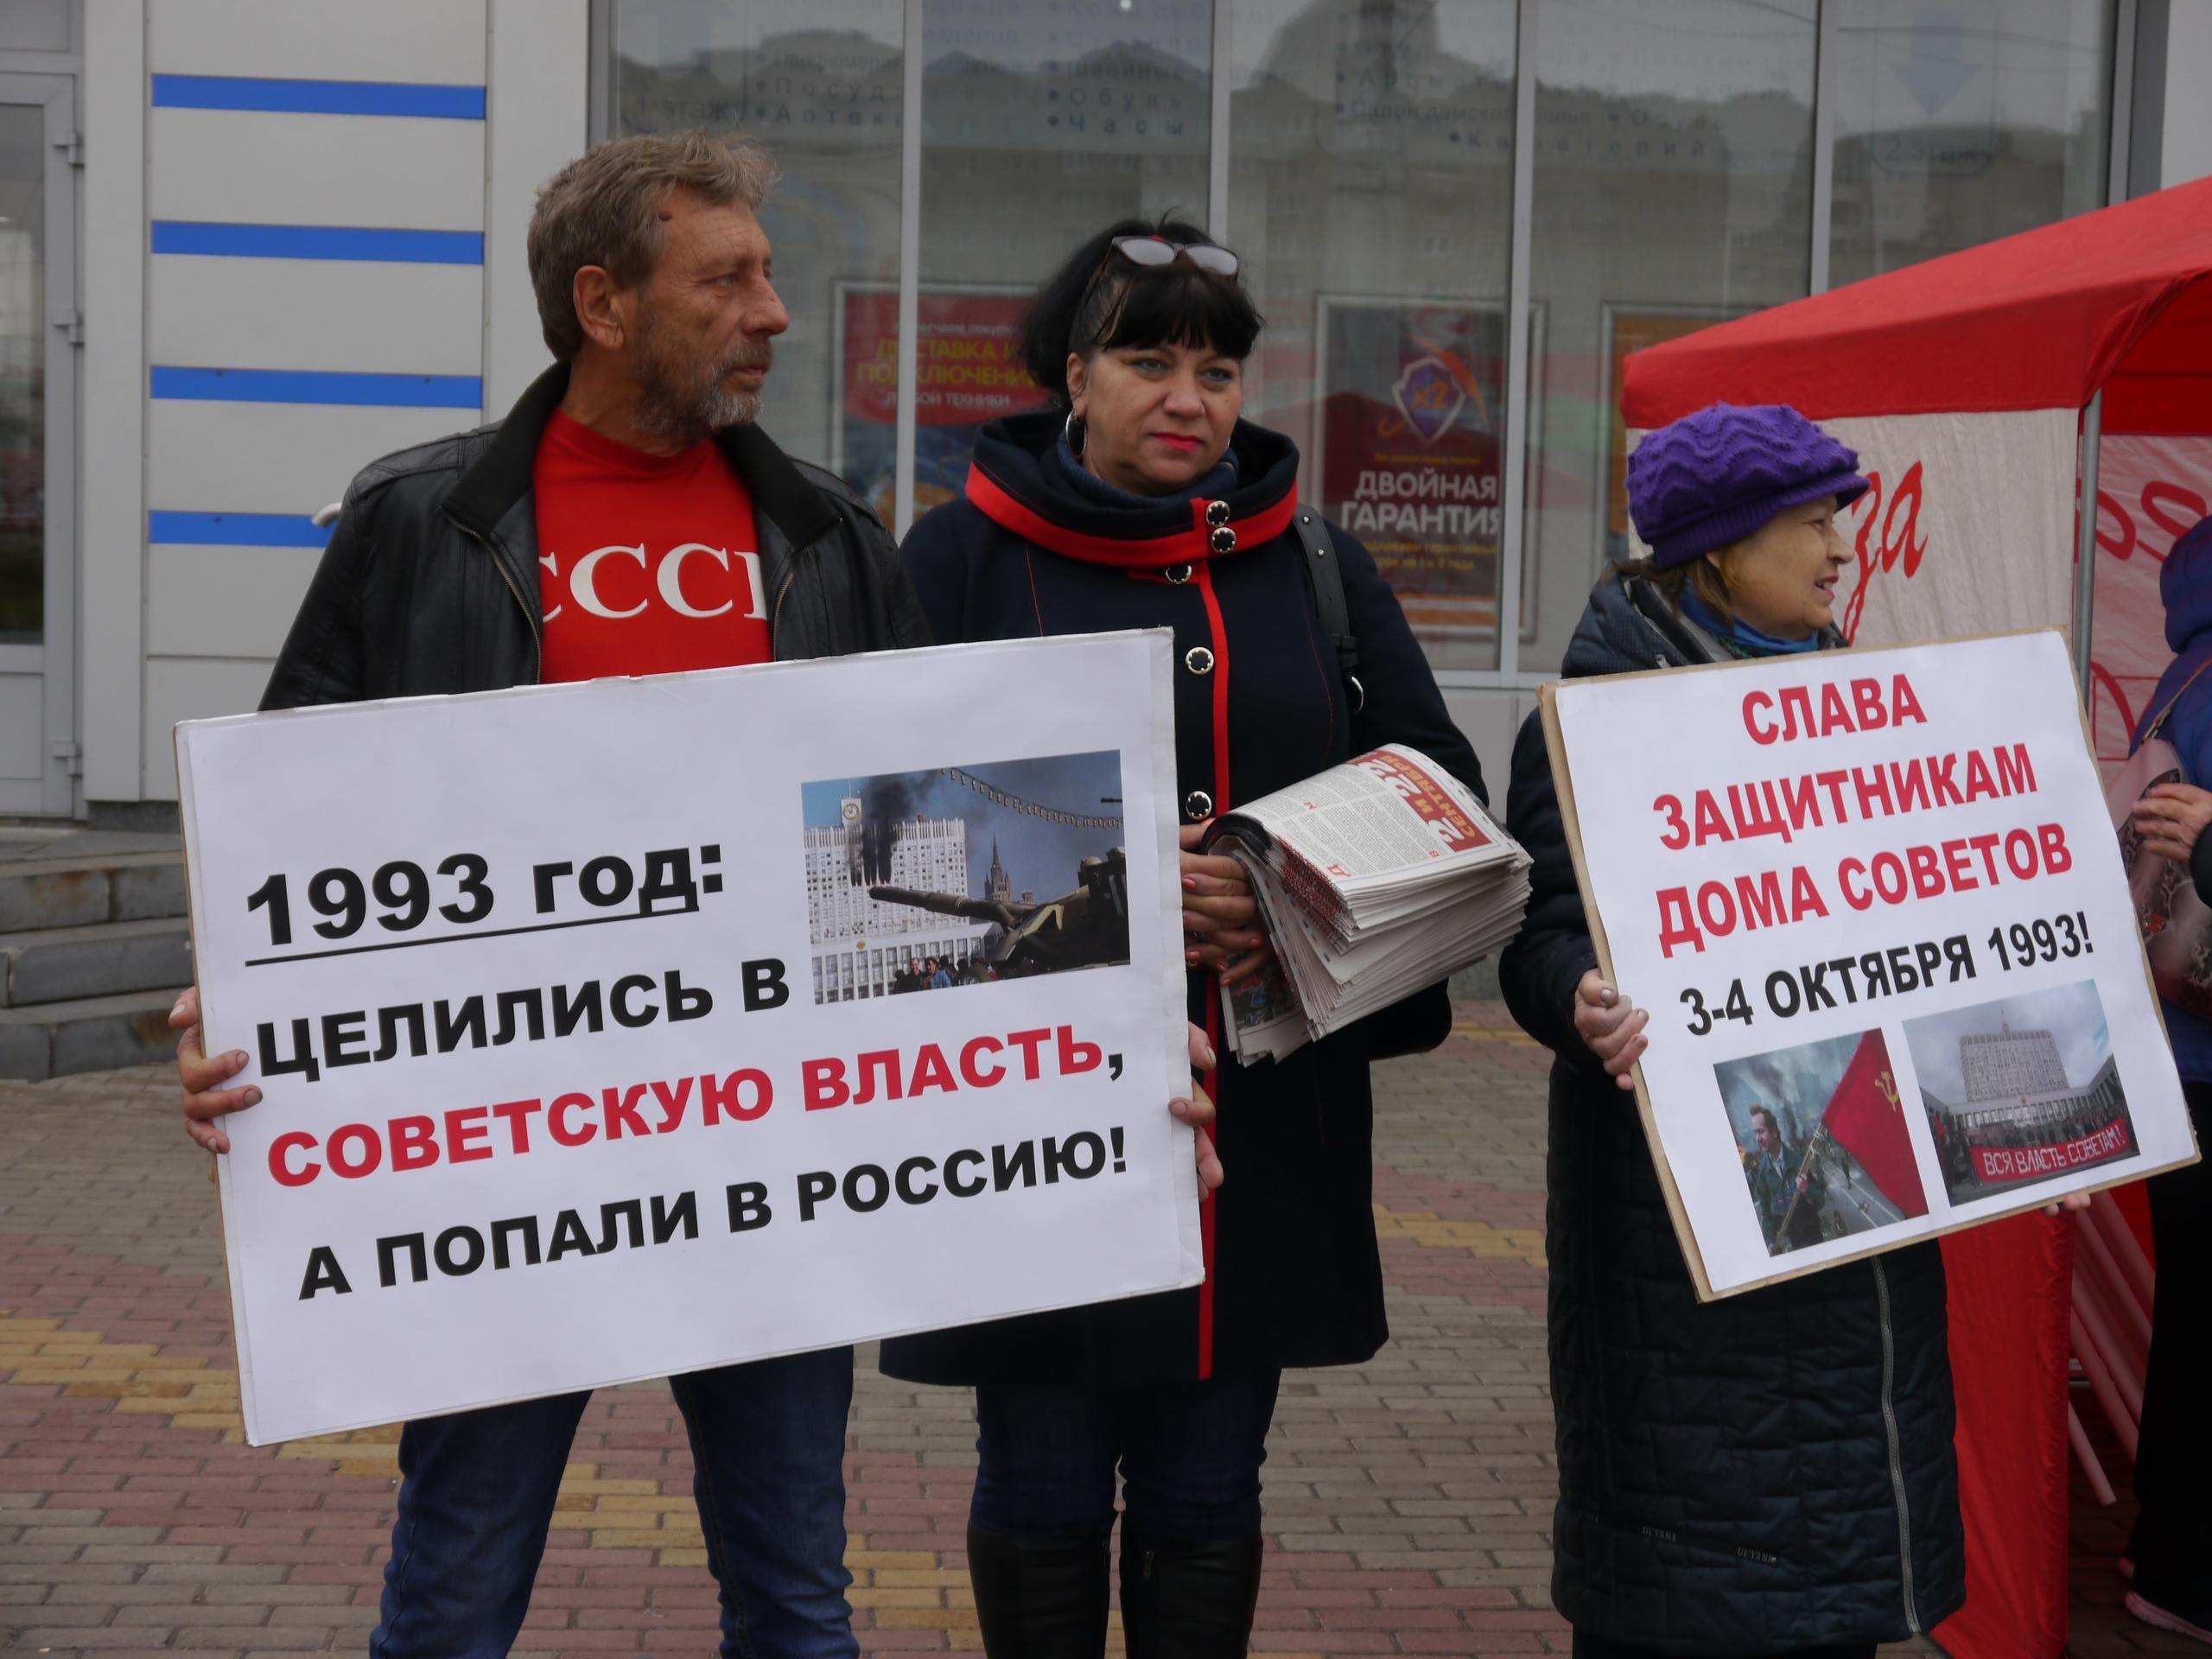 Целились в советскую власть, а попали в Россию